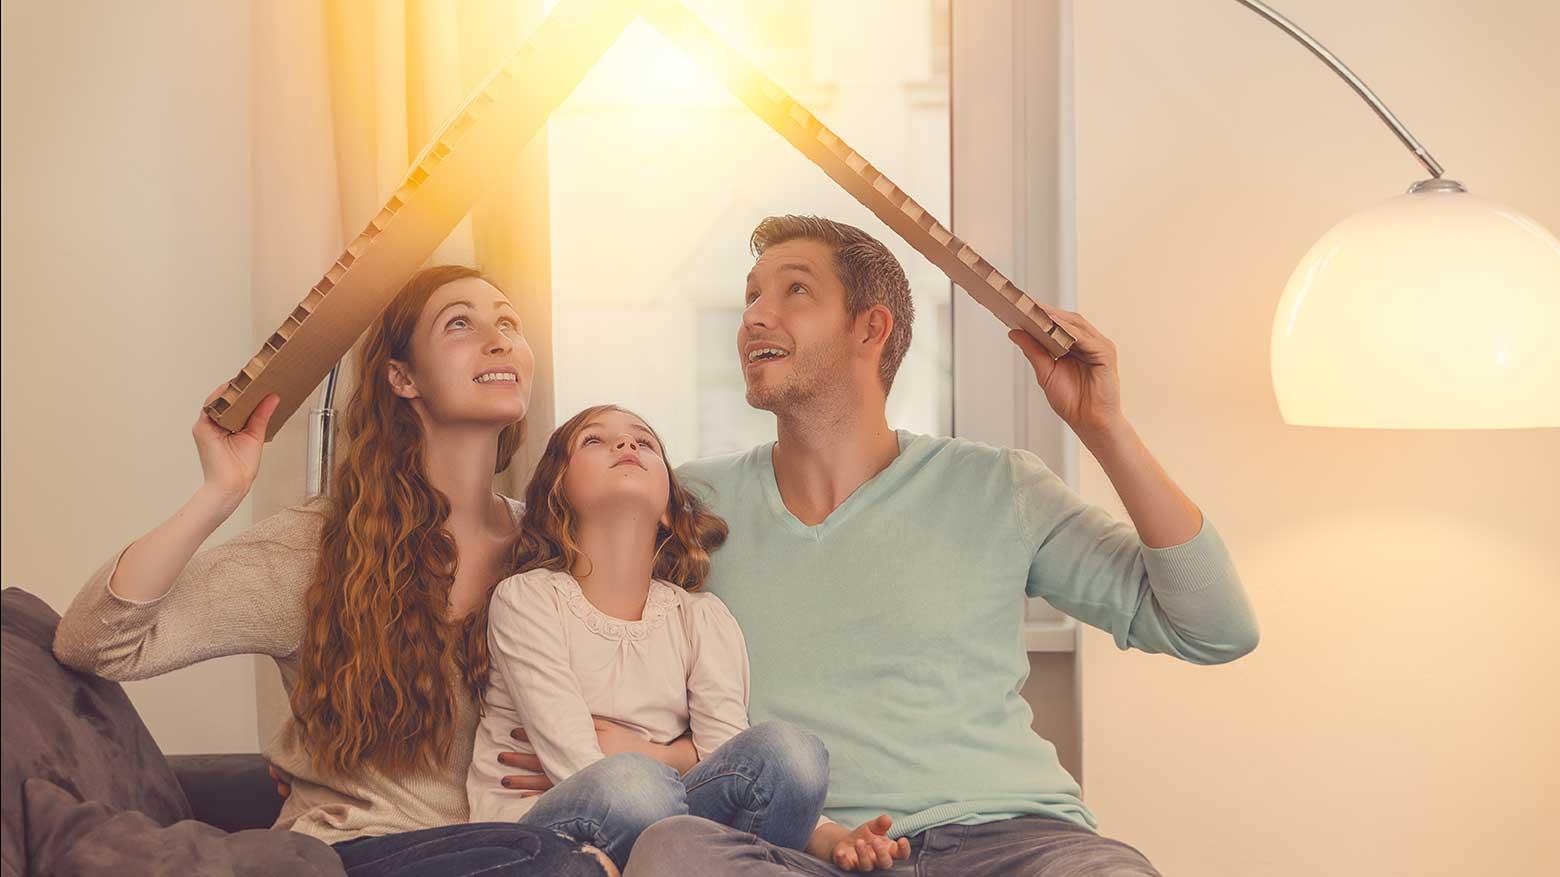 AltText: Familie freut sich auf die Immobilienfinanzierung ohne Eigenkapital